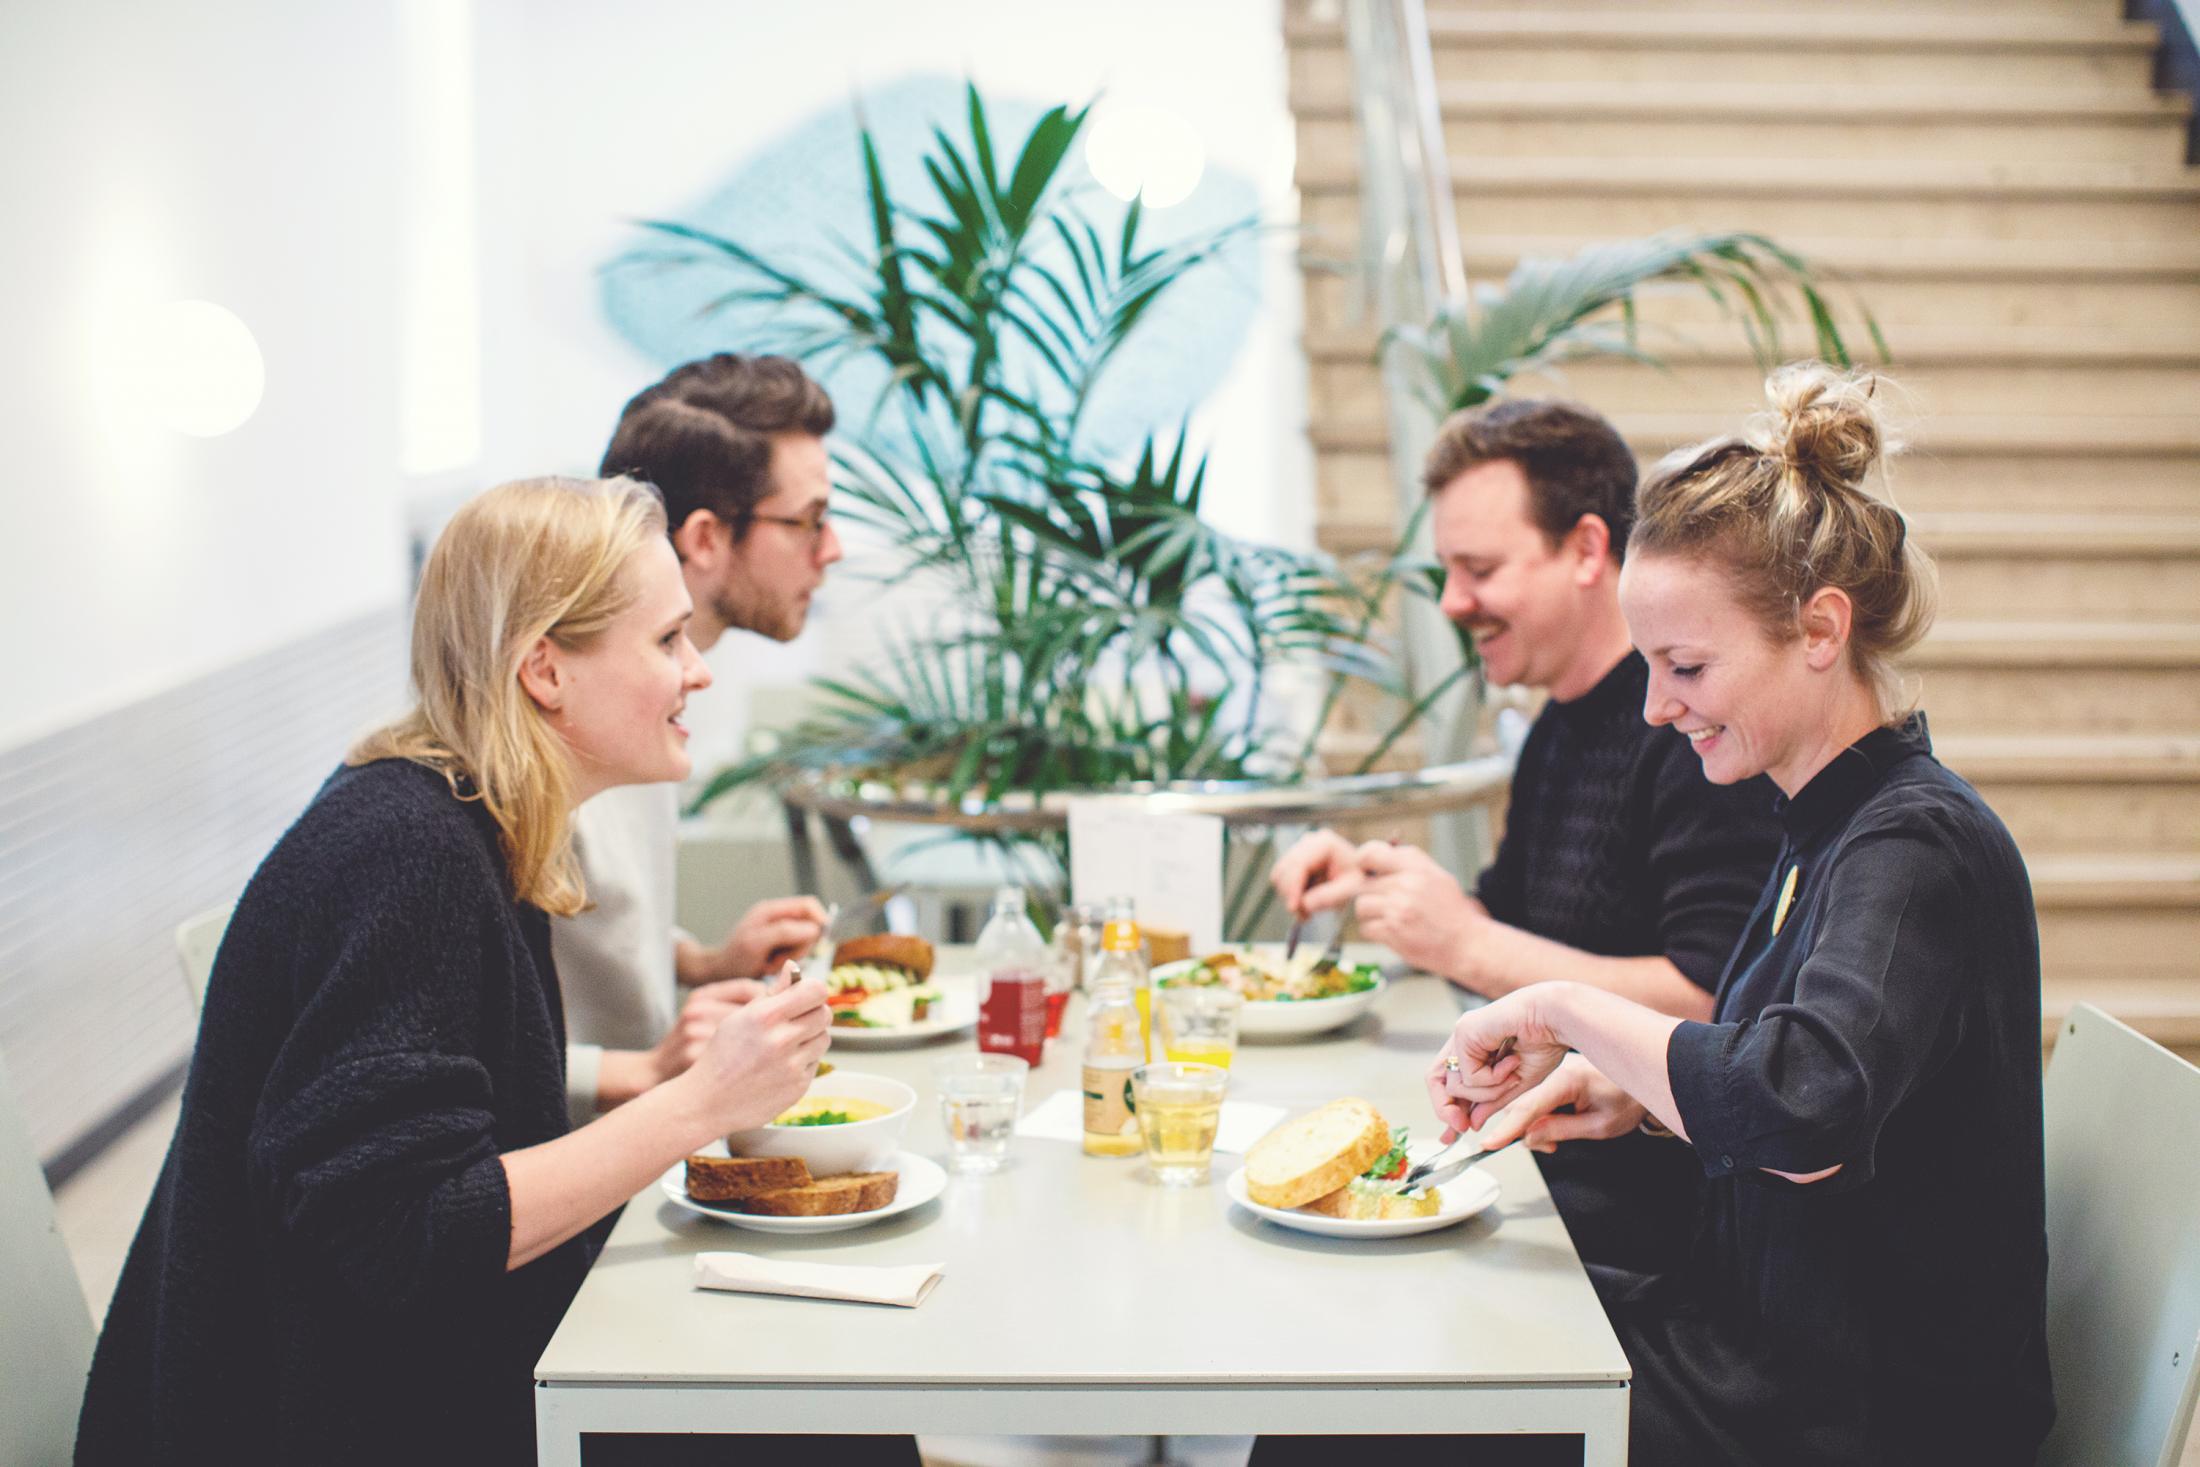 kleine campus café | De Kleine Campus